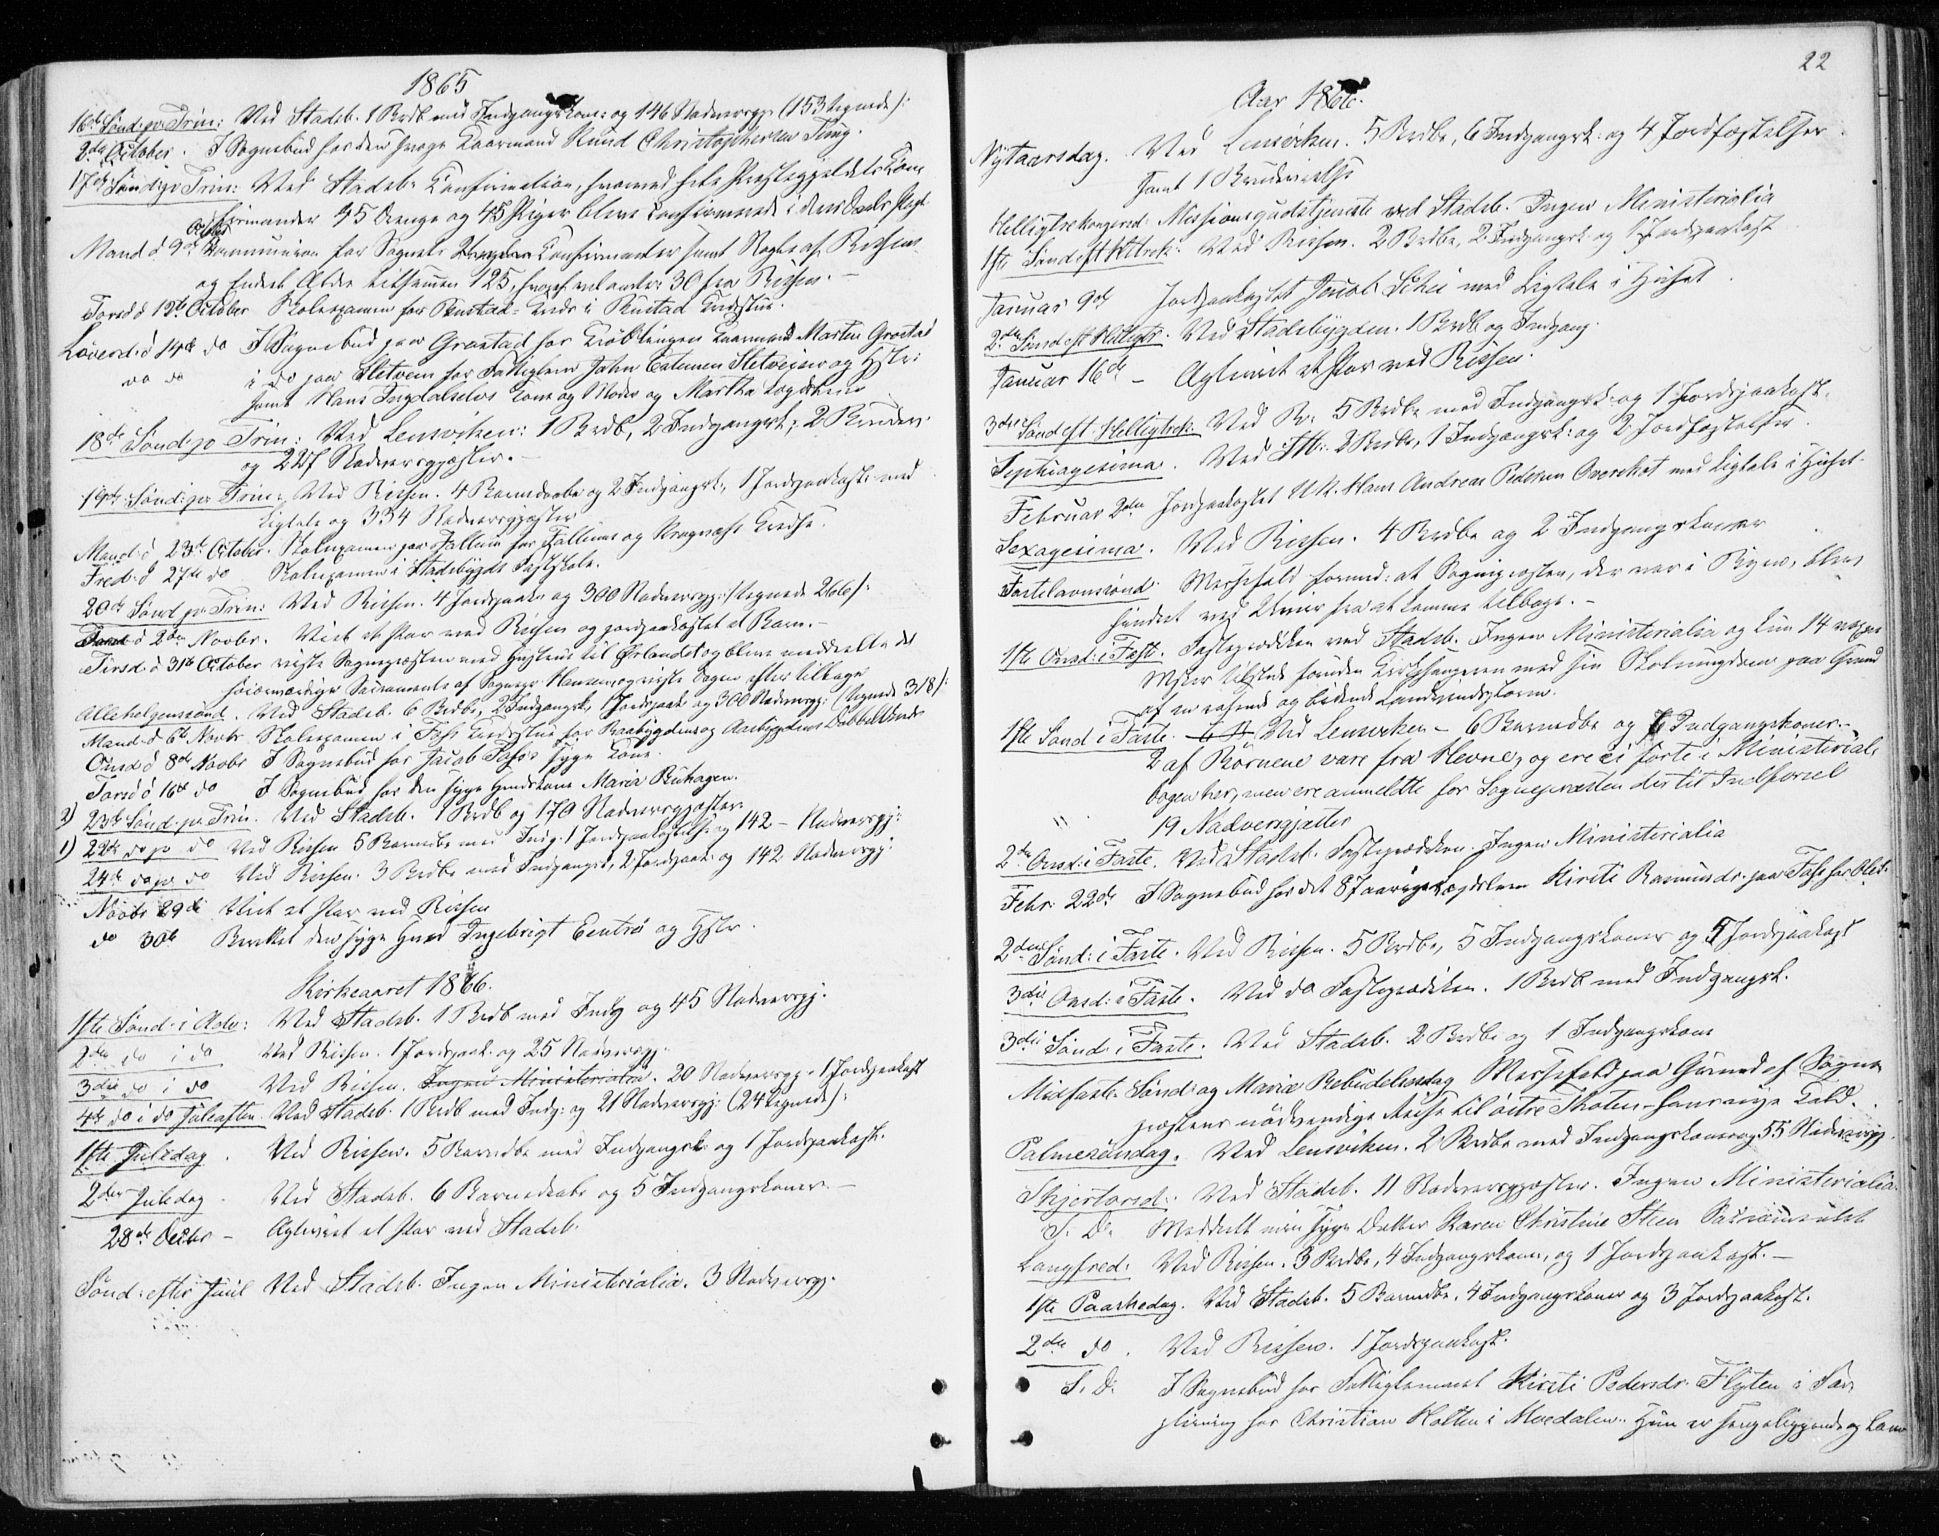 SAT, Ministerialprotokoller, klokkerbøker og fødselsregistre - Sør-Trøndelag, 646/L0612: Ministerialbok nr. 646A10, 1858-1869, s. 22